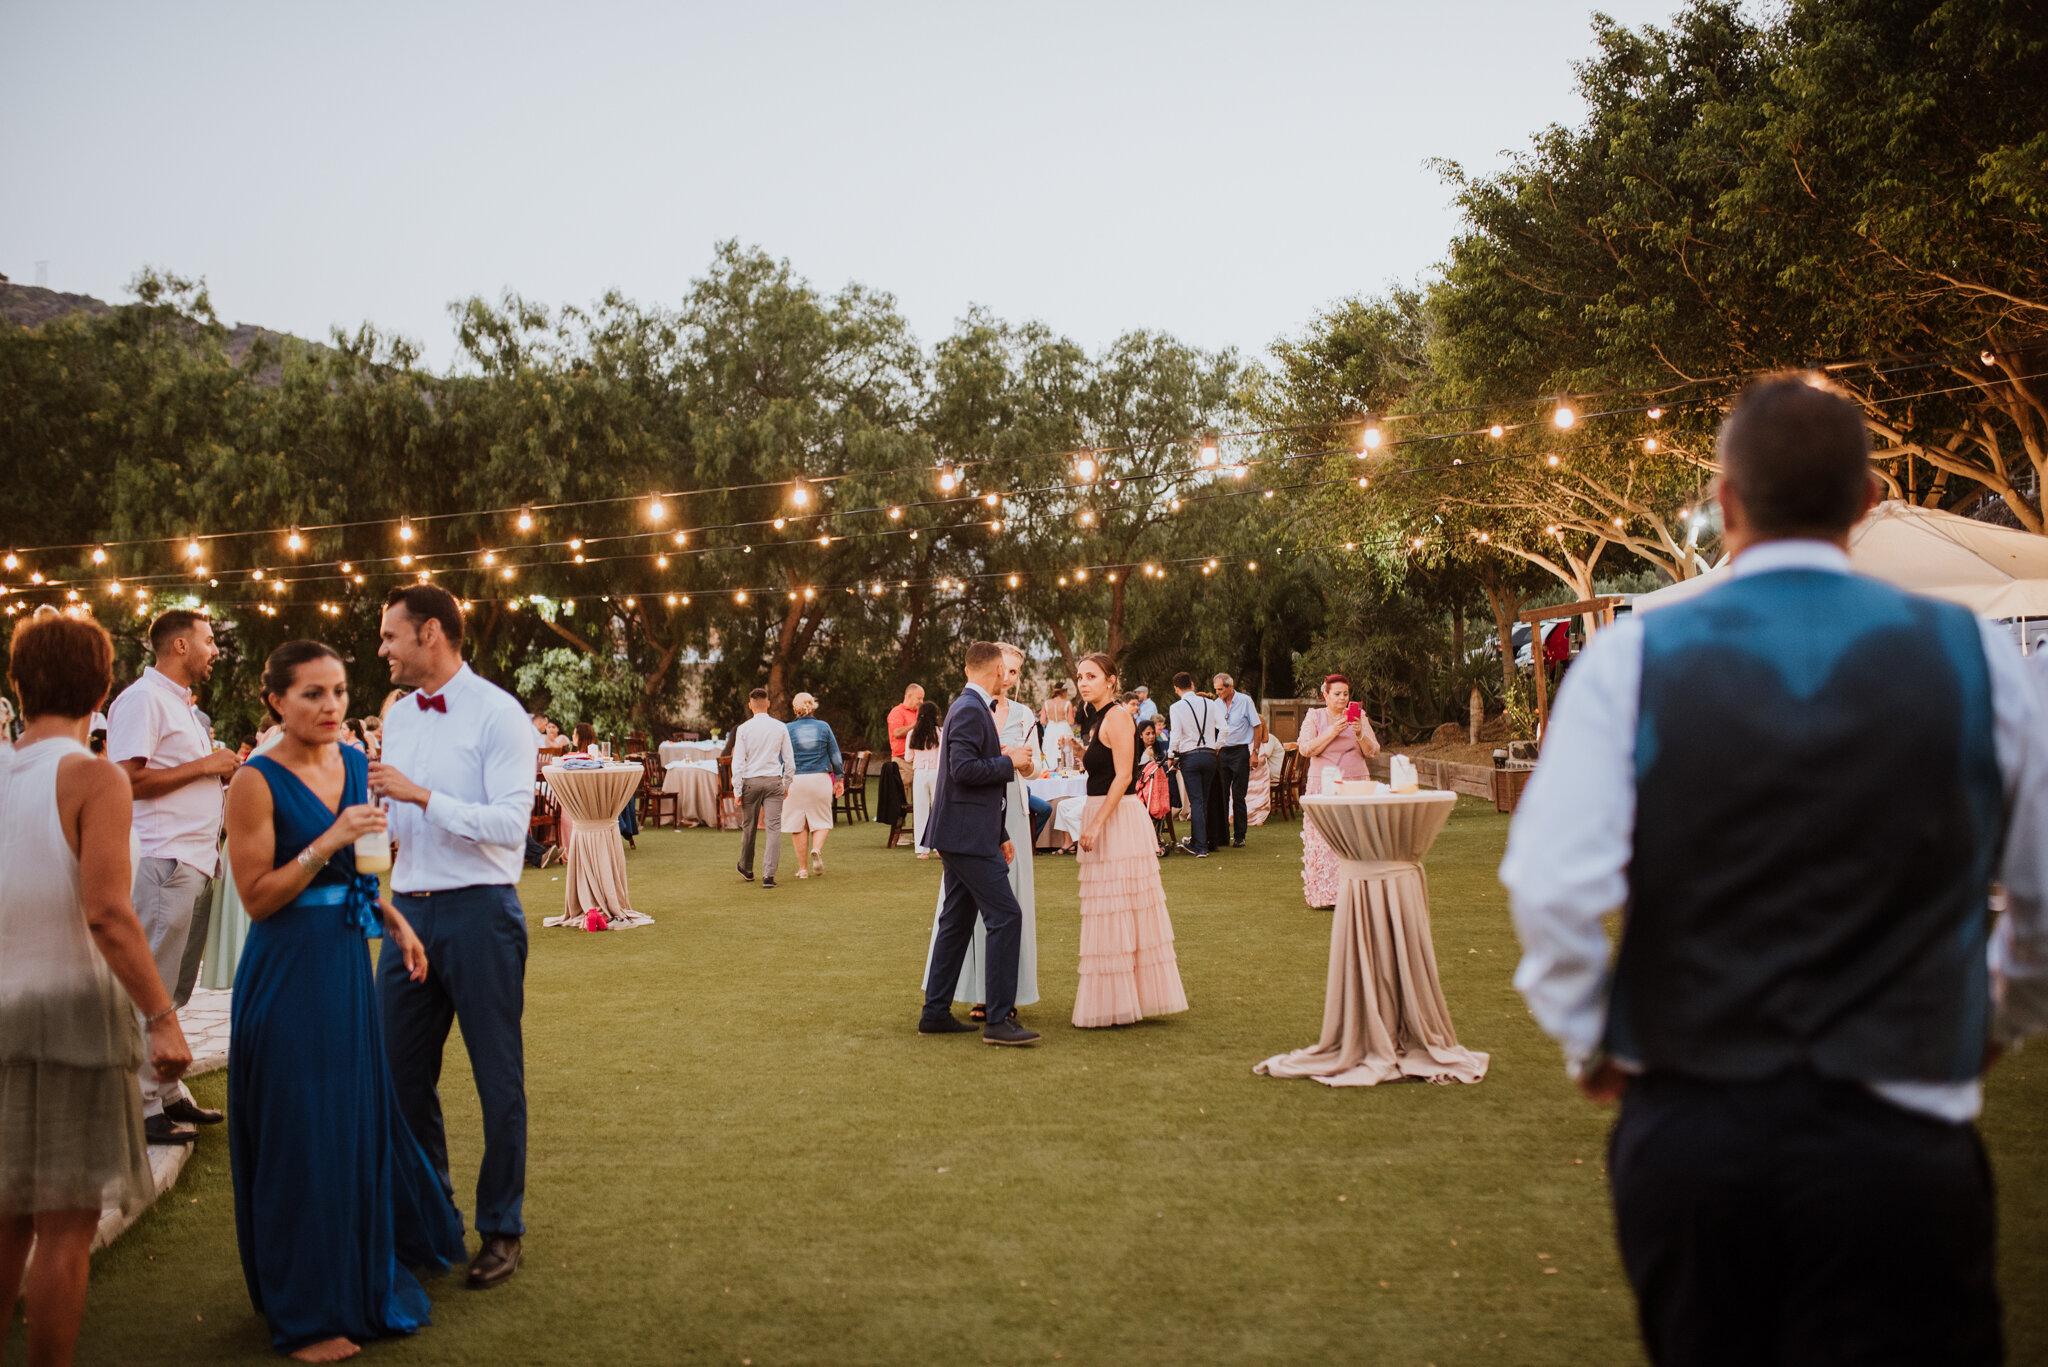 fotografo de bodas las palmas_-132.jpg